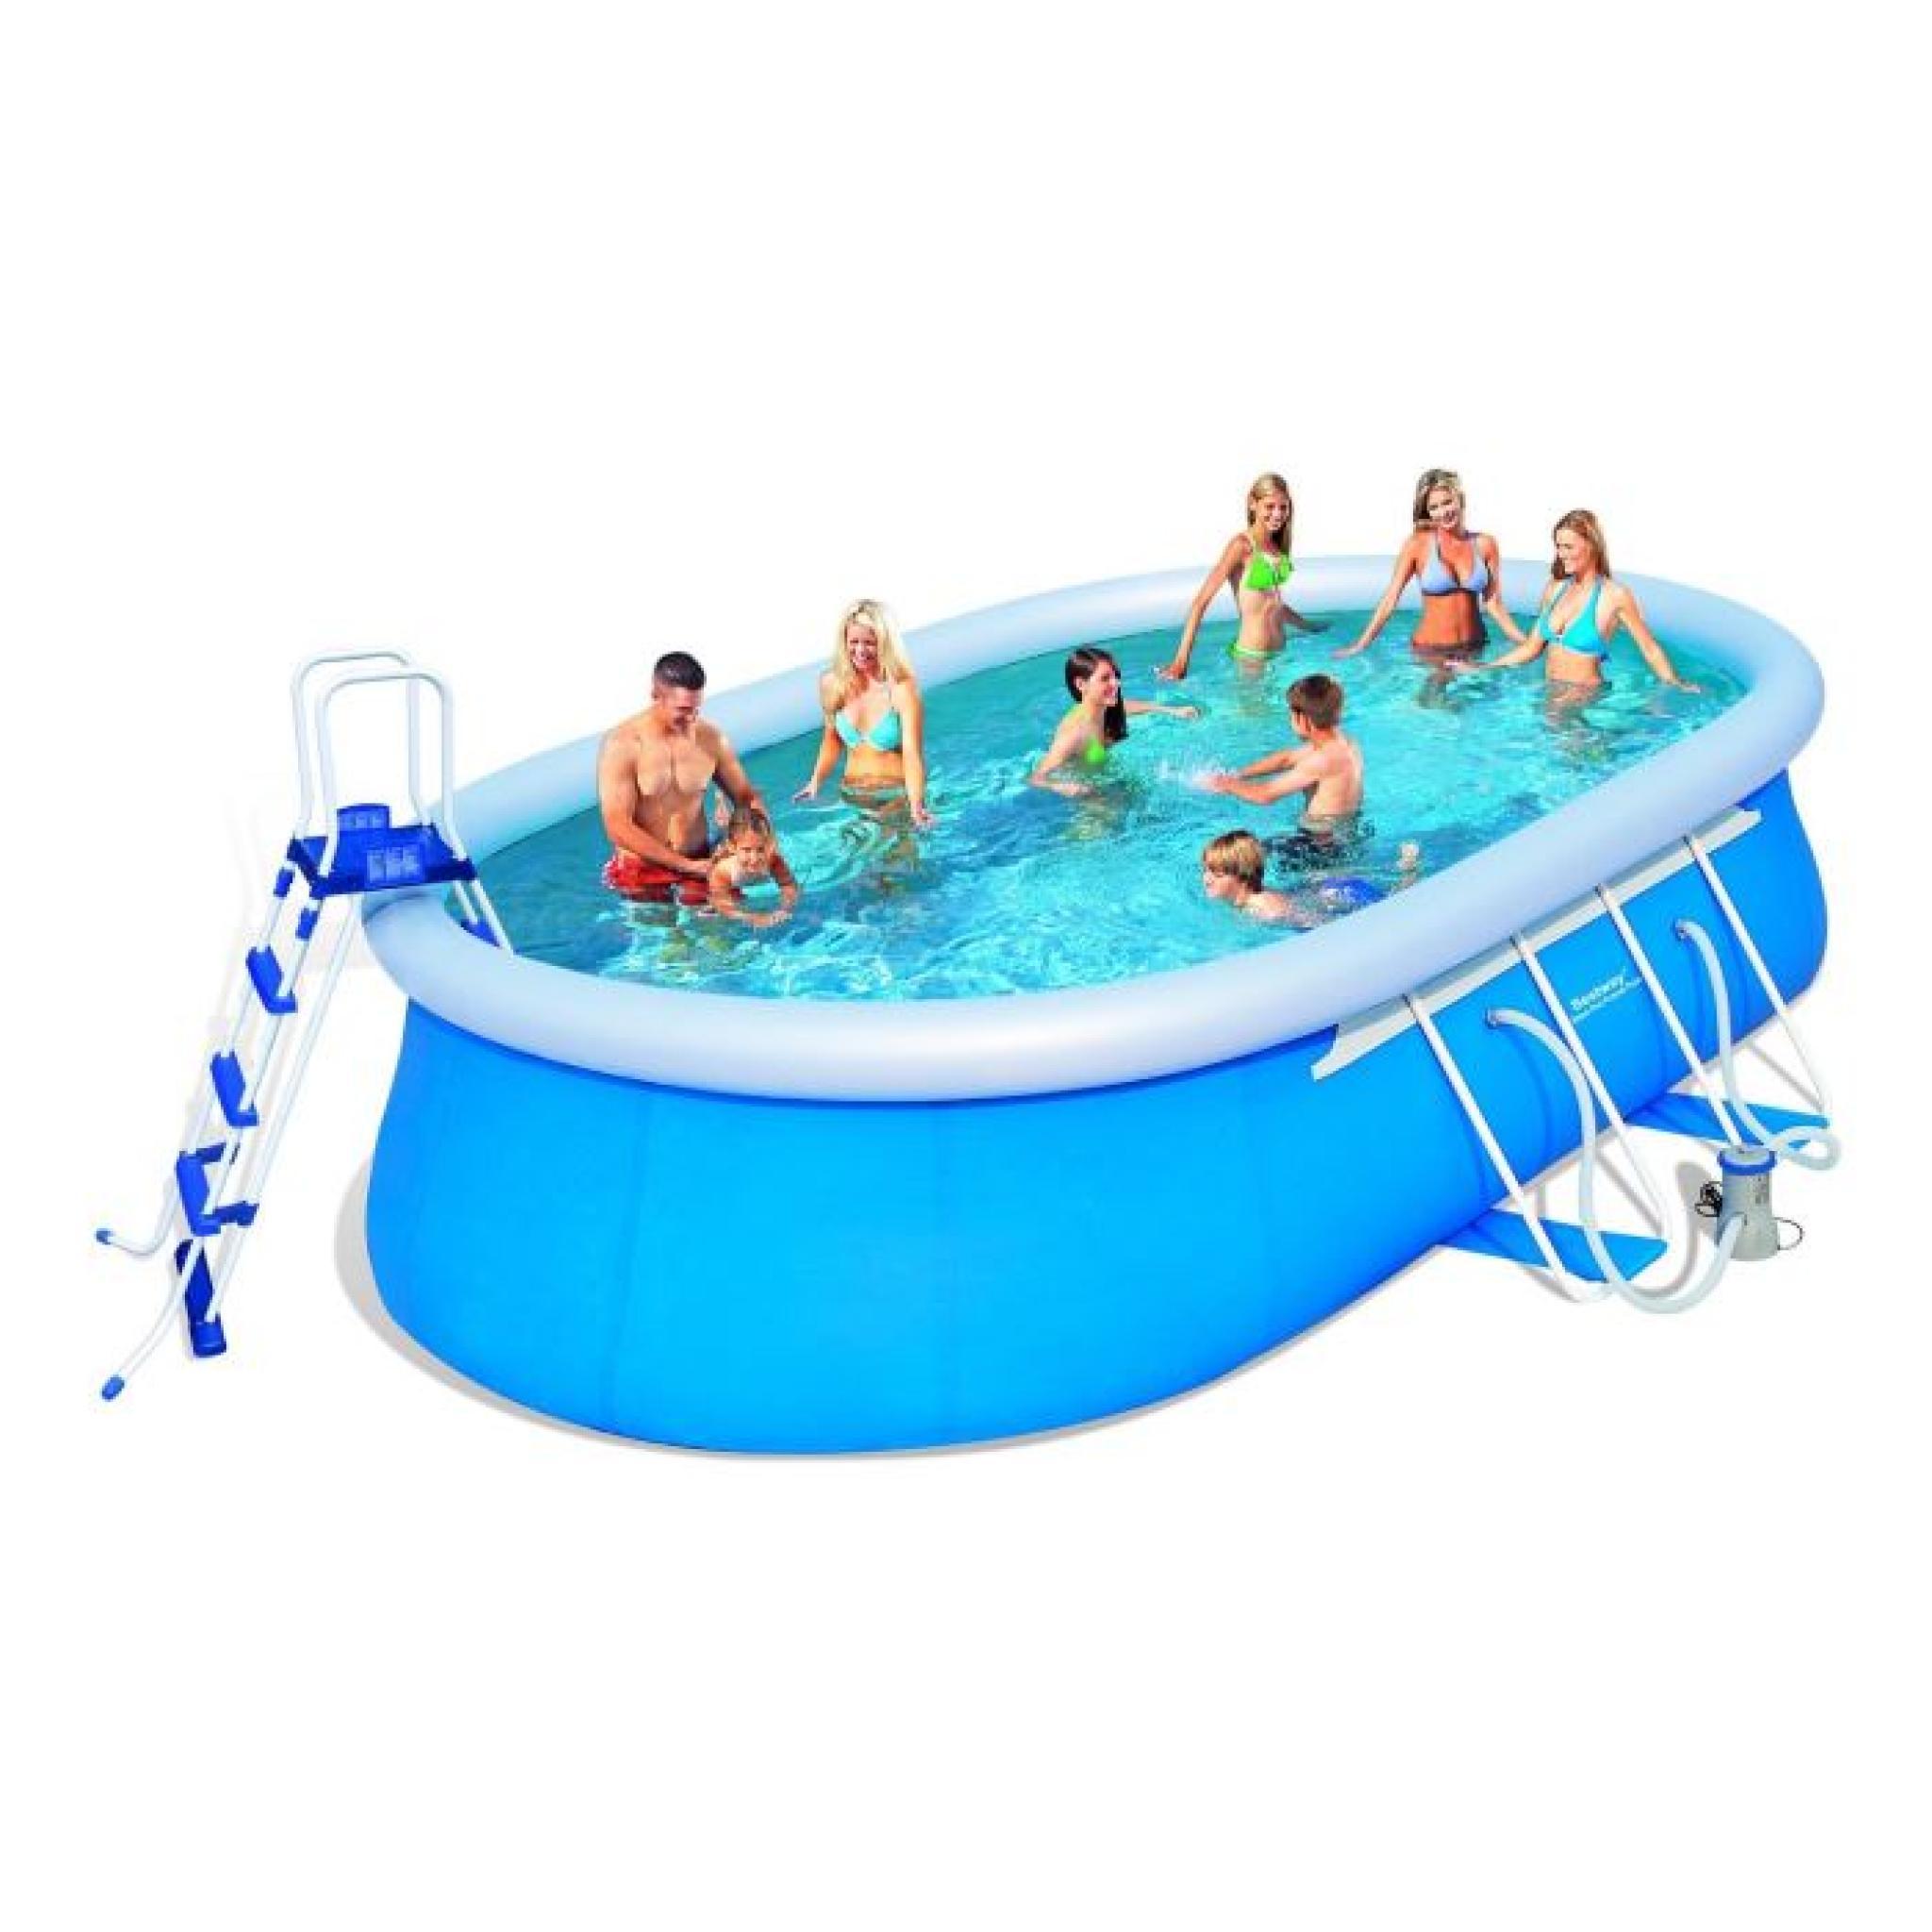 BESTWAY Kit Piscine ovale autoportante 549x366x122 m  AchatVente piscine hors sol pas cher